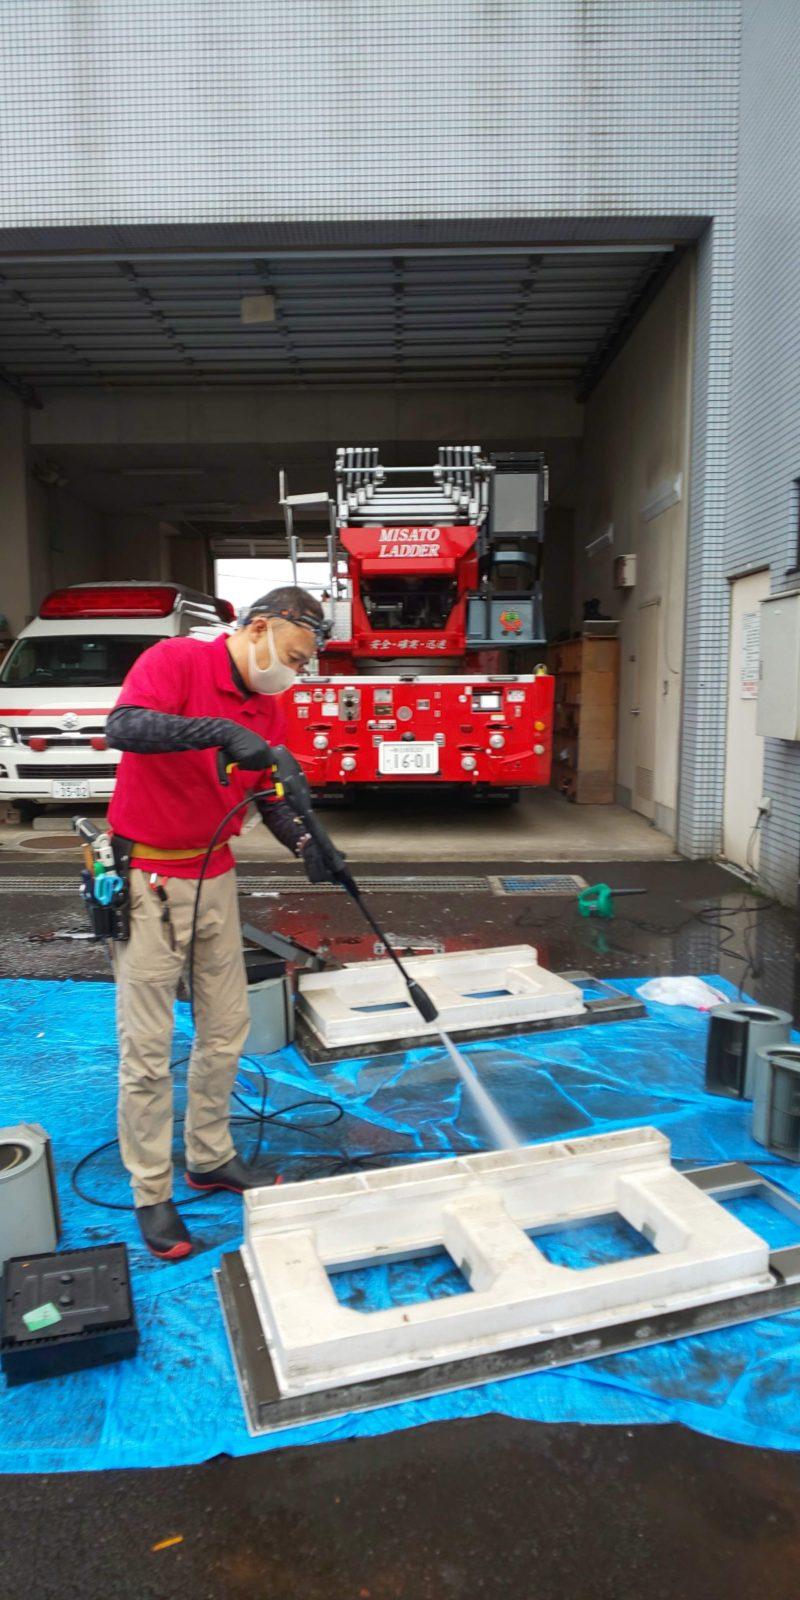 消防署のエアコン清掃